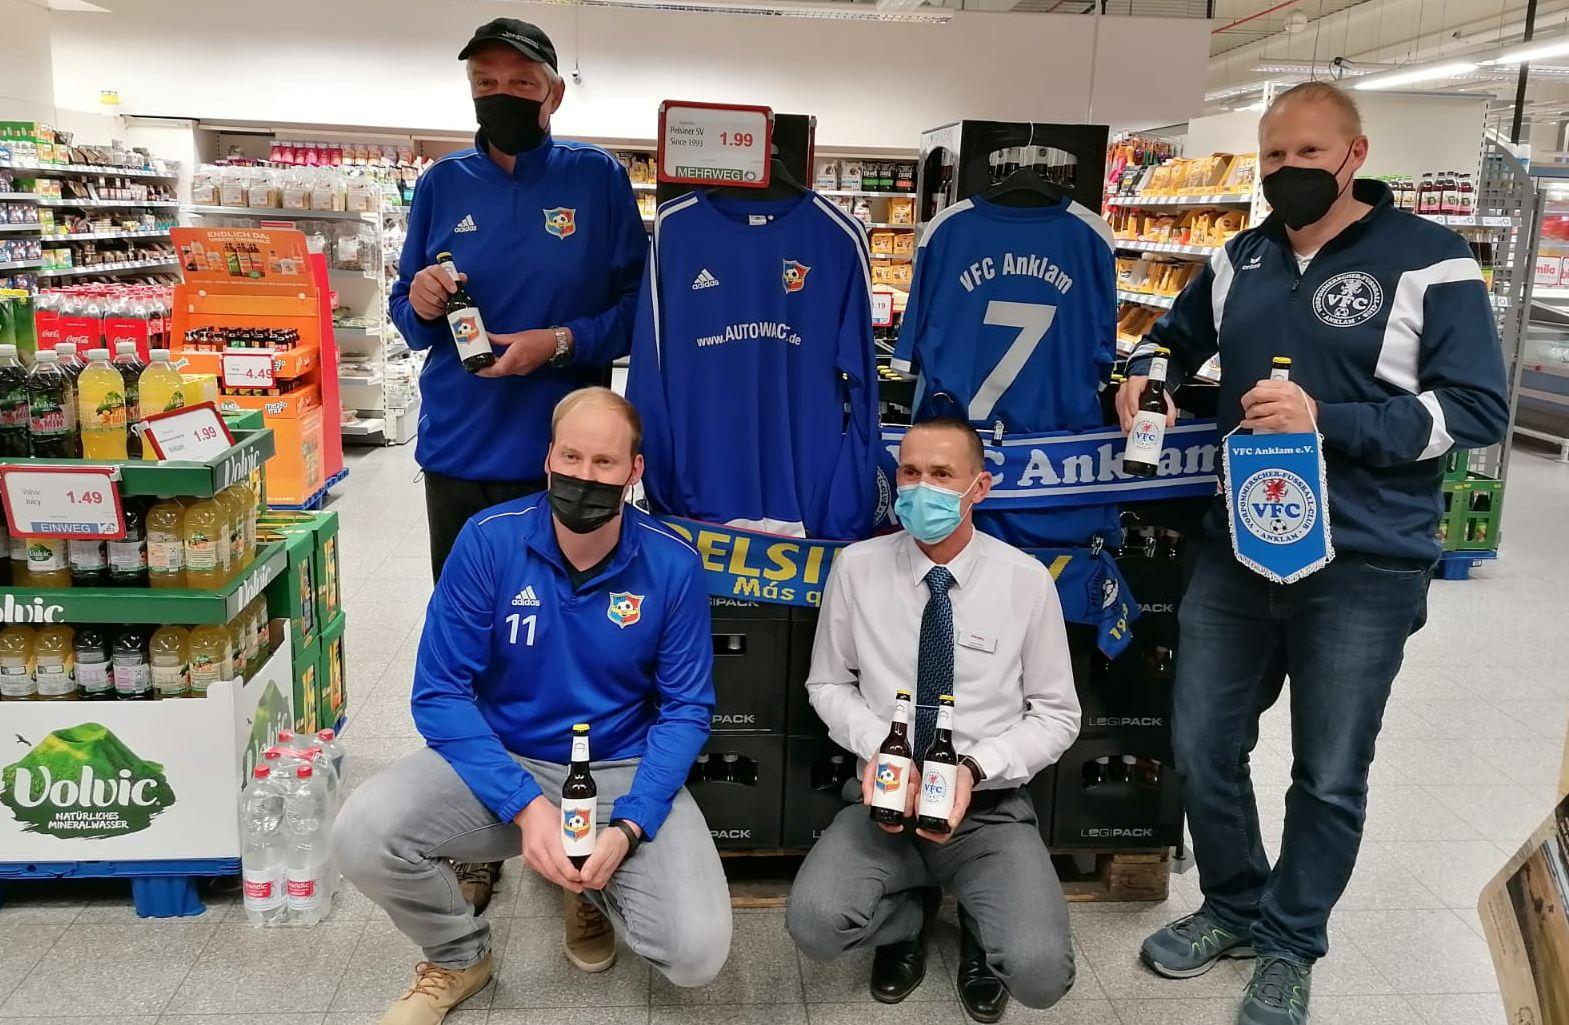 """Ran an die Flaschen! Aktion """"Vereinsheim"""" ist im famila-Markt angelaufen"""